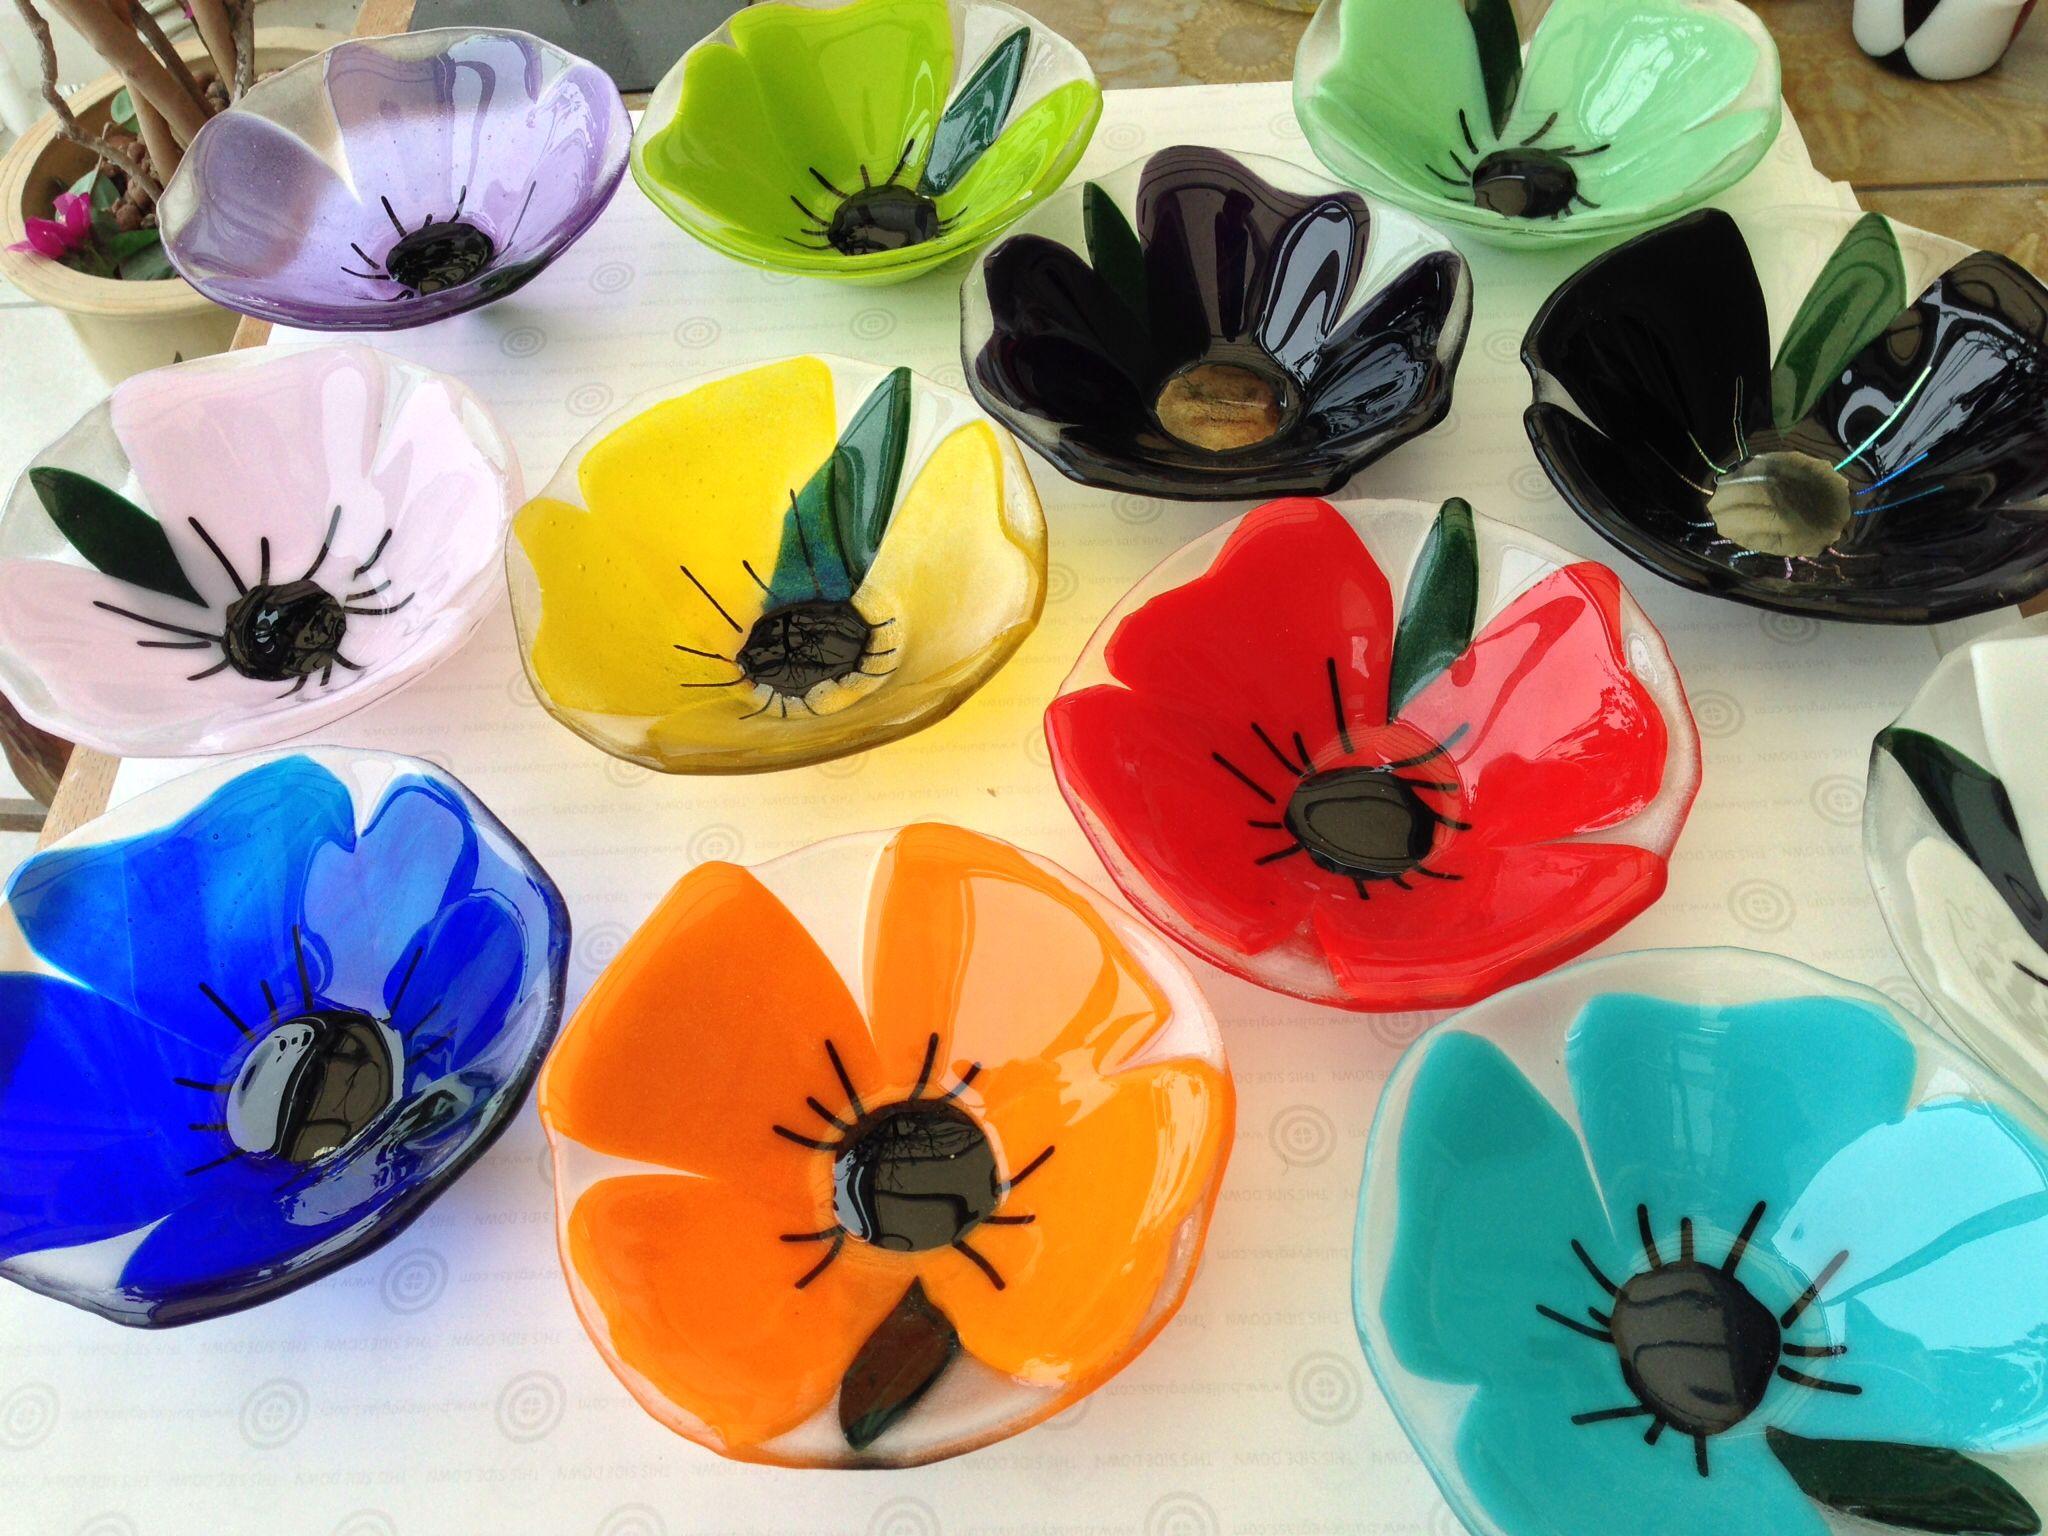 FUSED GLASS SINGLE FLOWER MINI BOWLS - Bullseye - blomster skål i glas - fused glass -